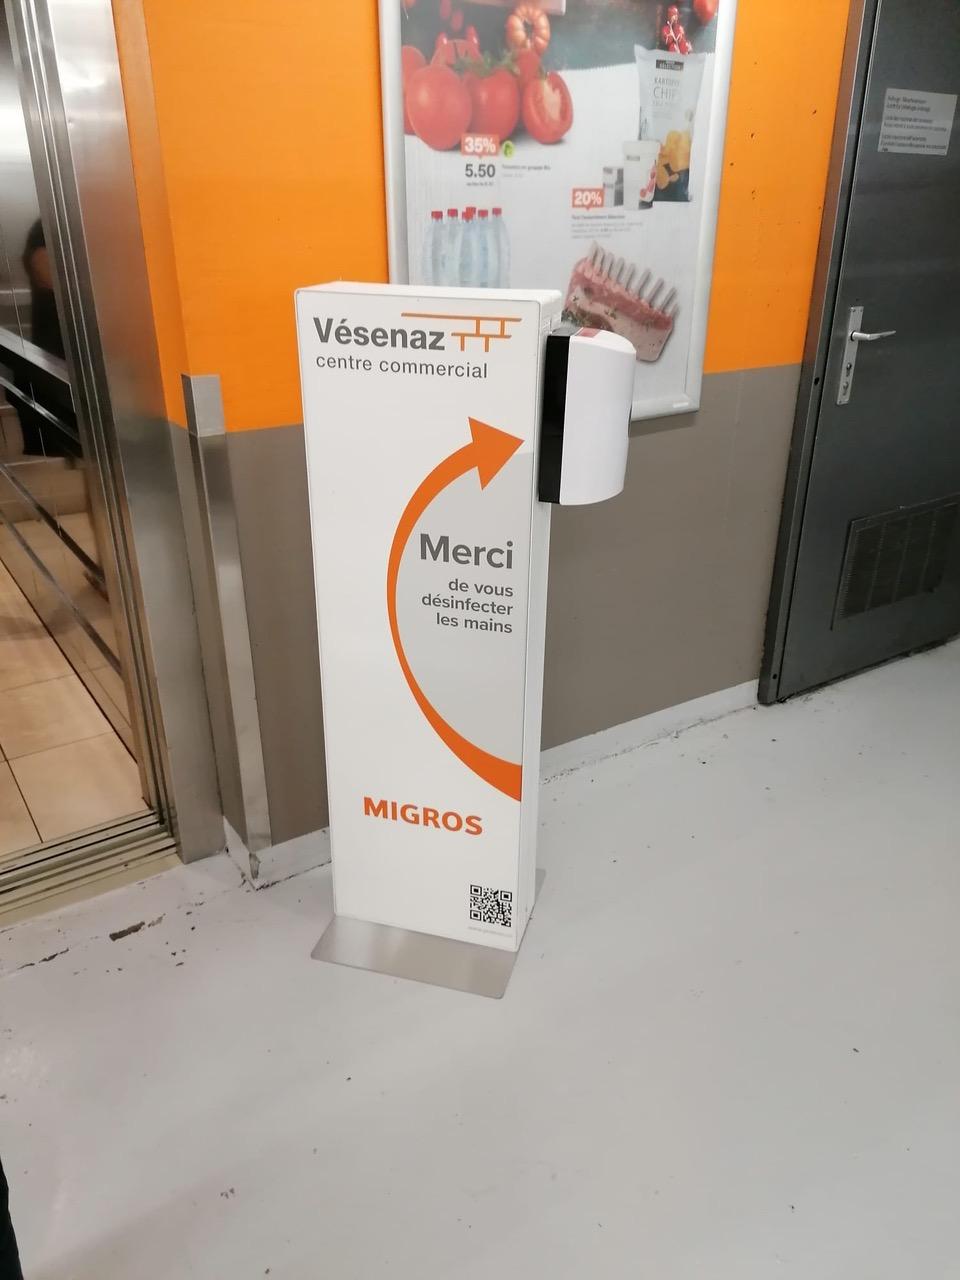 Distributeur solution hydroalcoolique safe station Migros Vésenaz Protectio